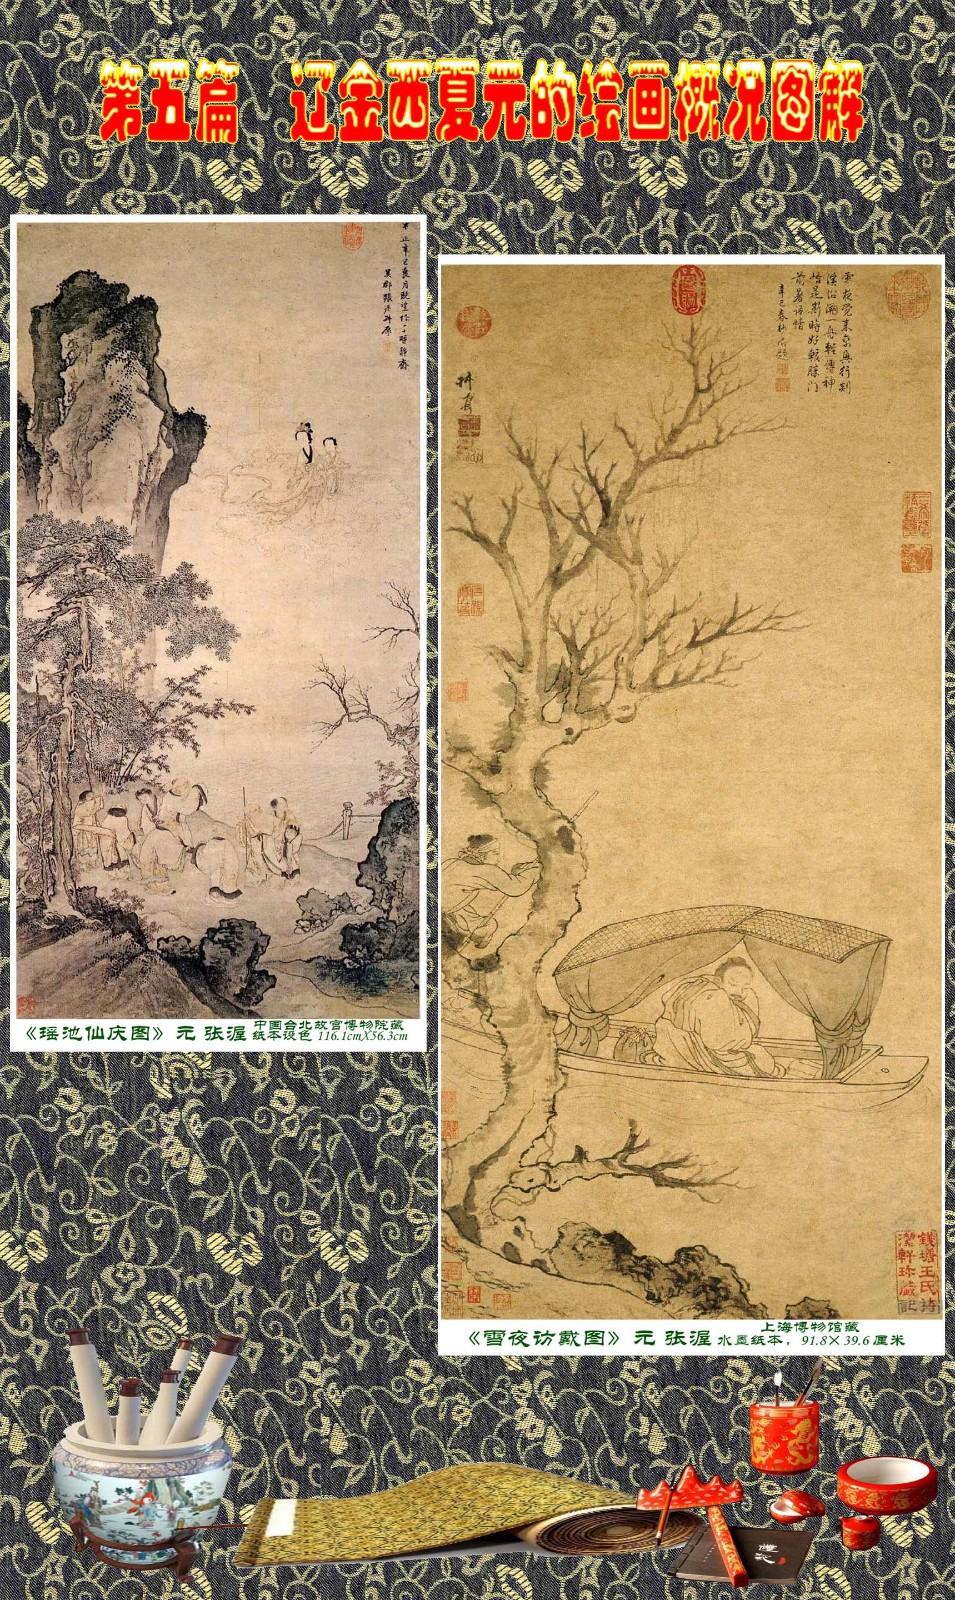 顾绍骅编辑 中国画知识普及版 第五篇 辽金西夏元的绘画概况 下 ... ..._图1-23